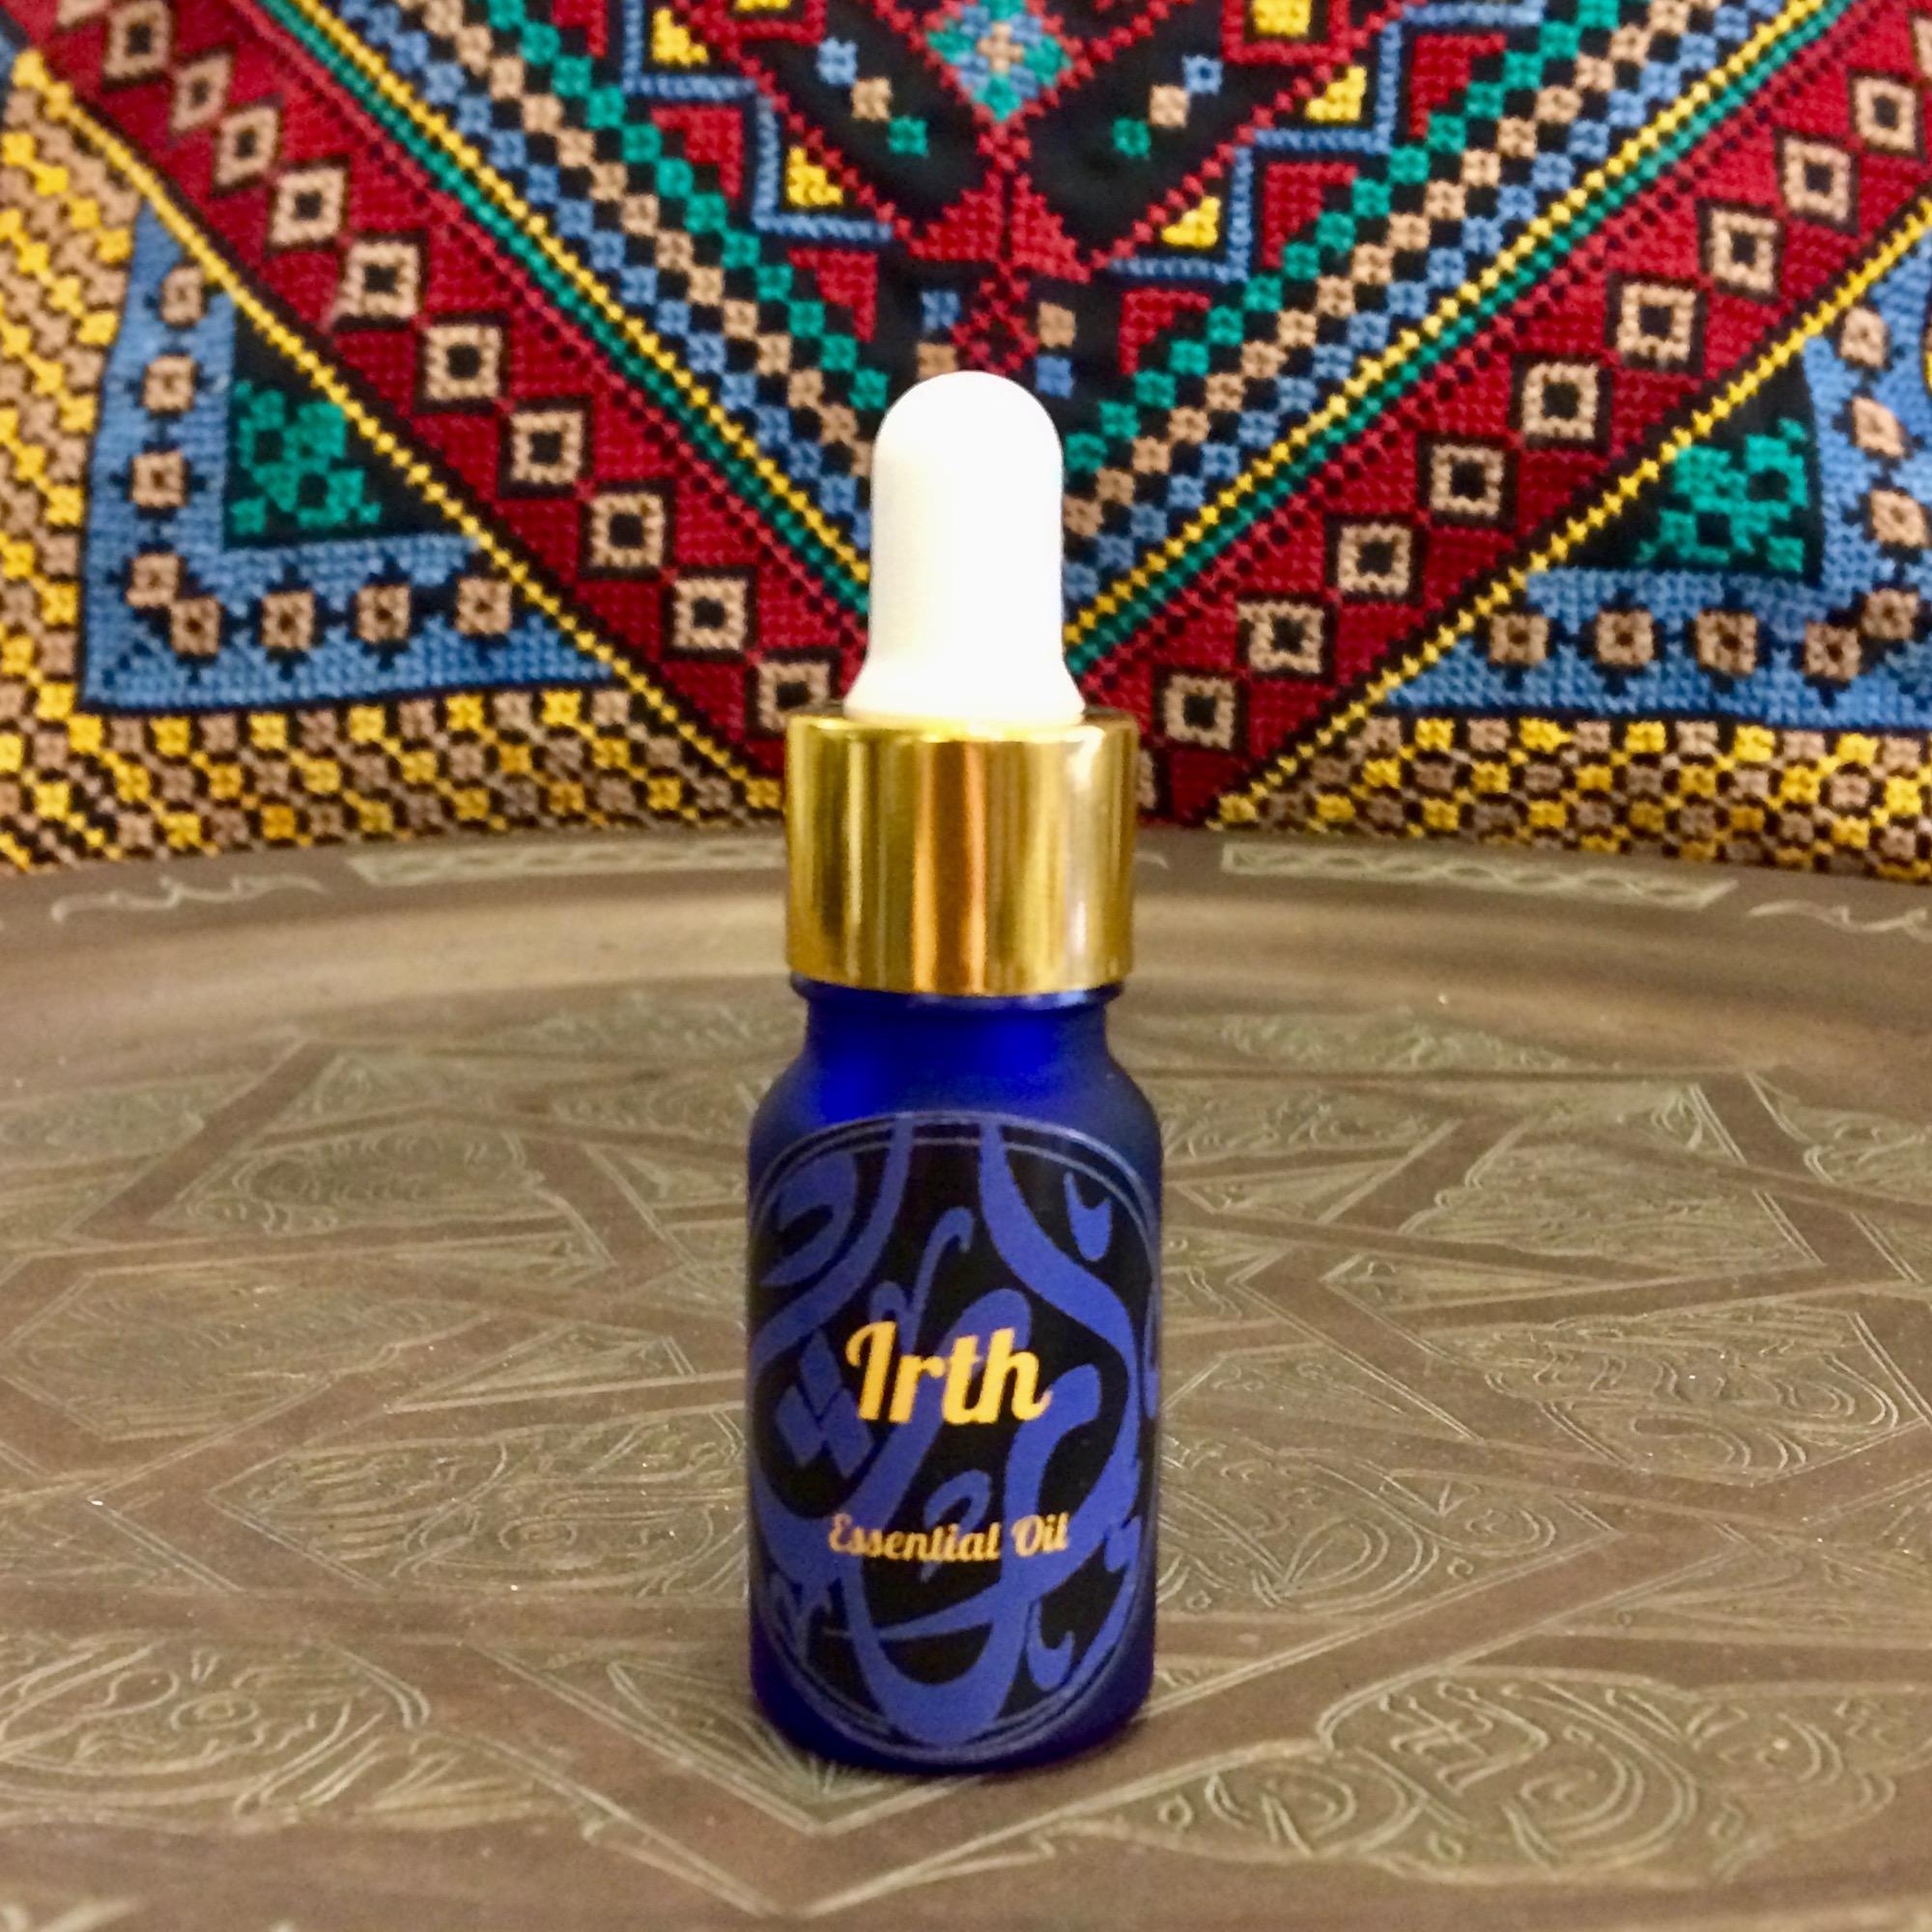 Irth Pure Essential Oil